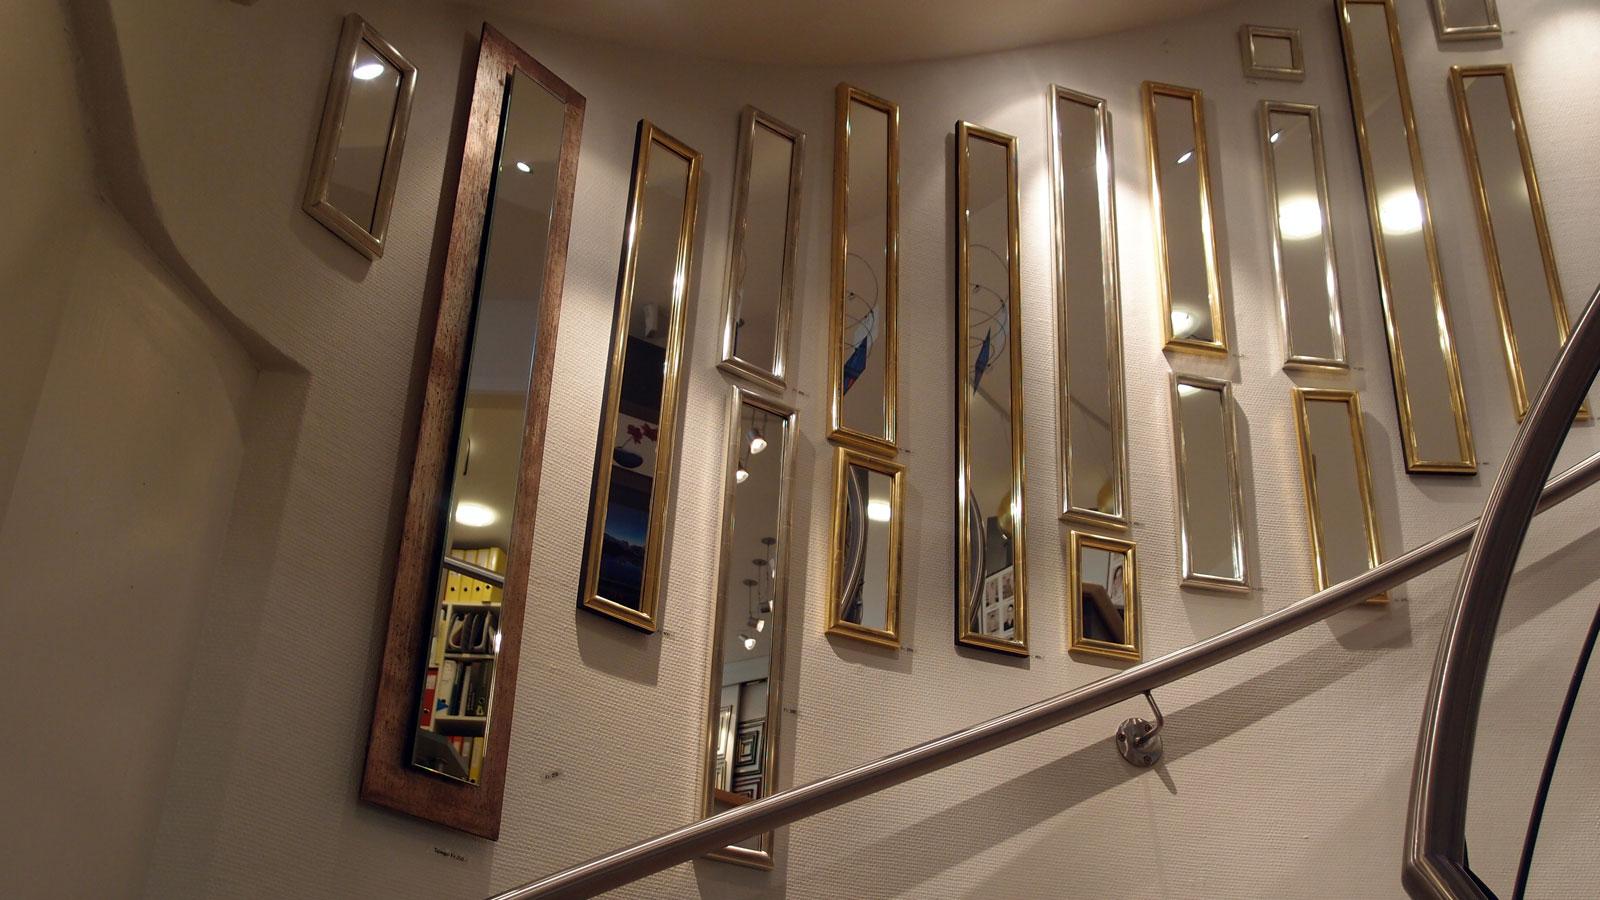 Rahmelade winterthur - Spiegel mit spiegelrahmen ...